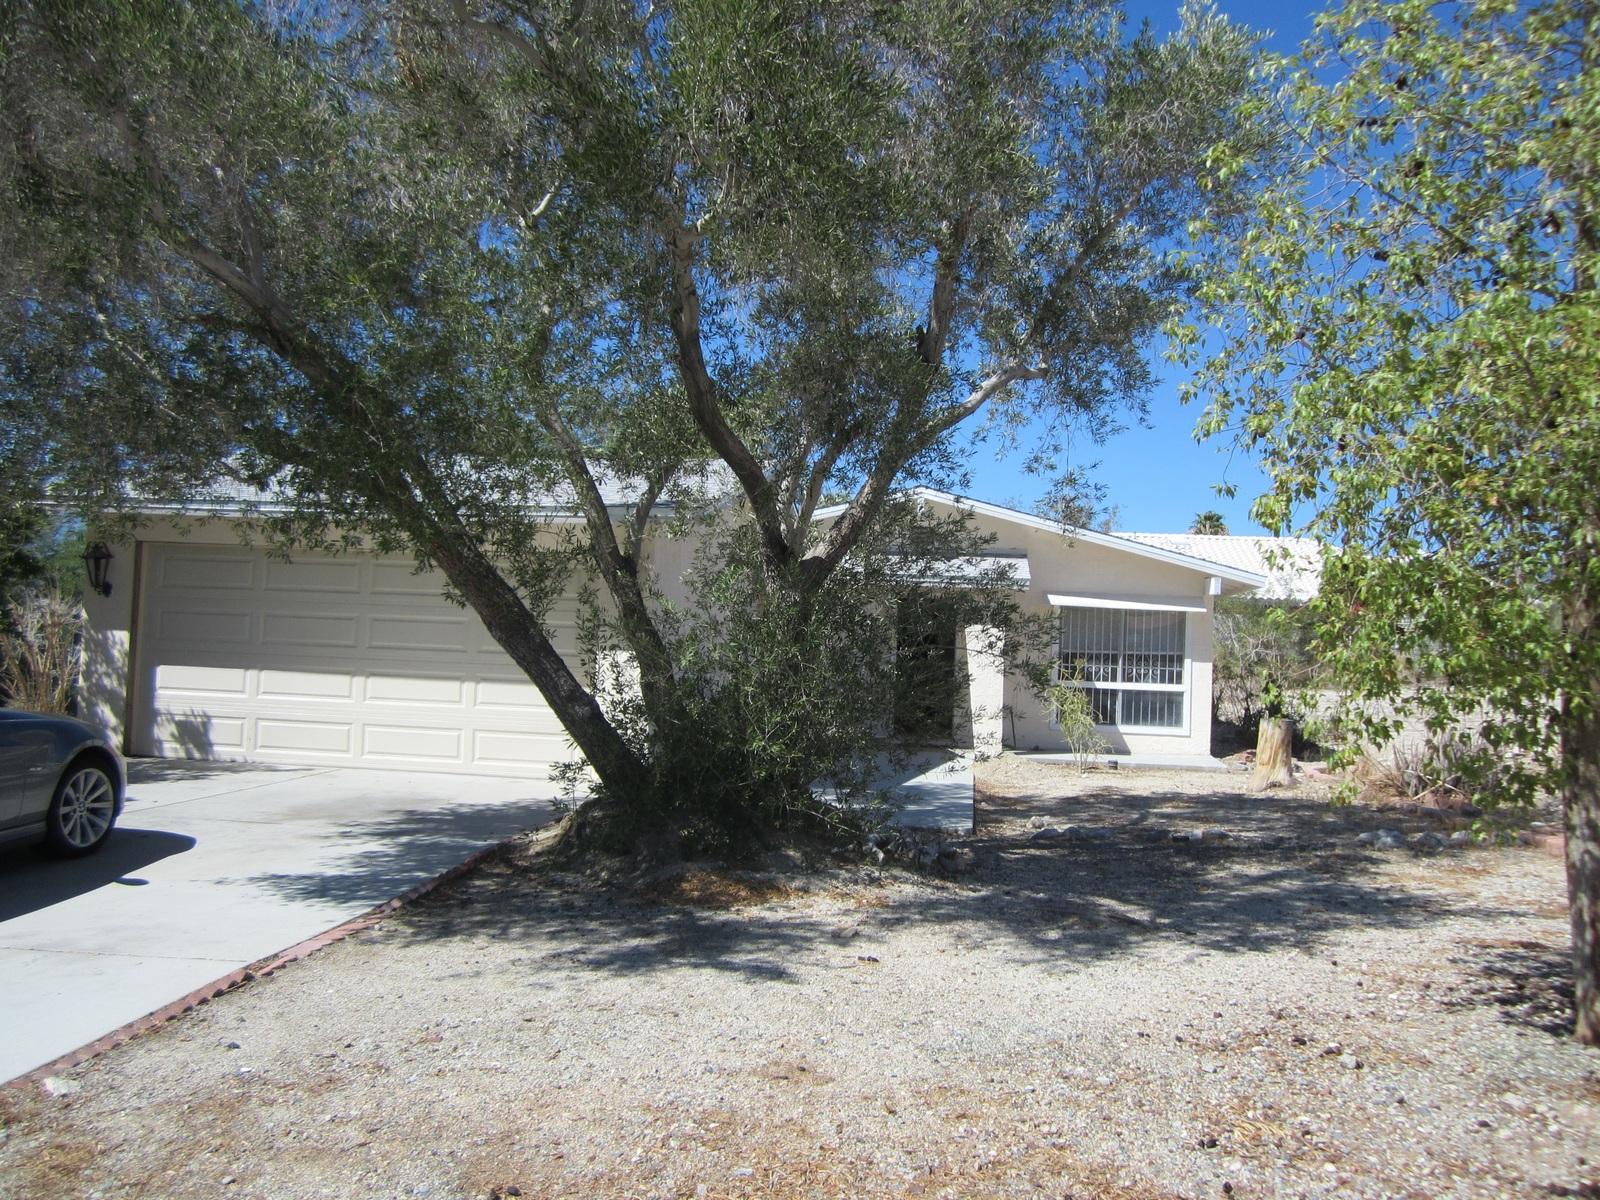 Maison unifamiliale pour l Vente à 10373 South Palm Drive Desert Hot Springs, Californie 92240 États-Unis